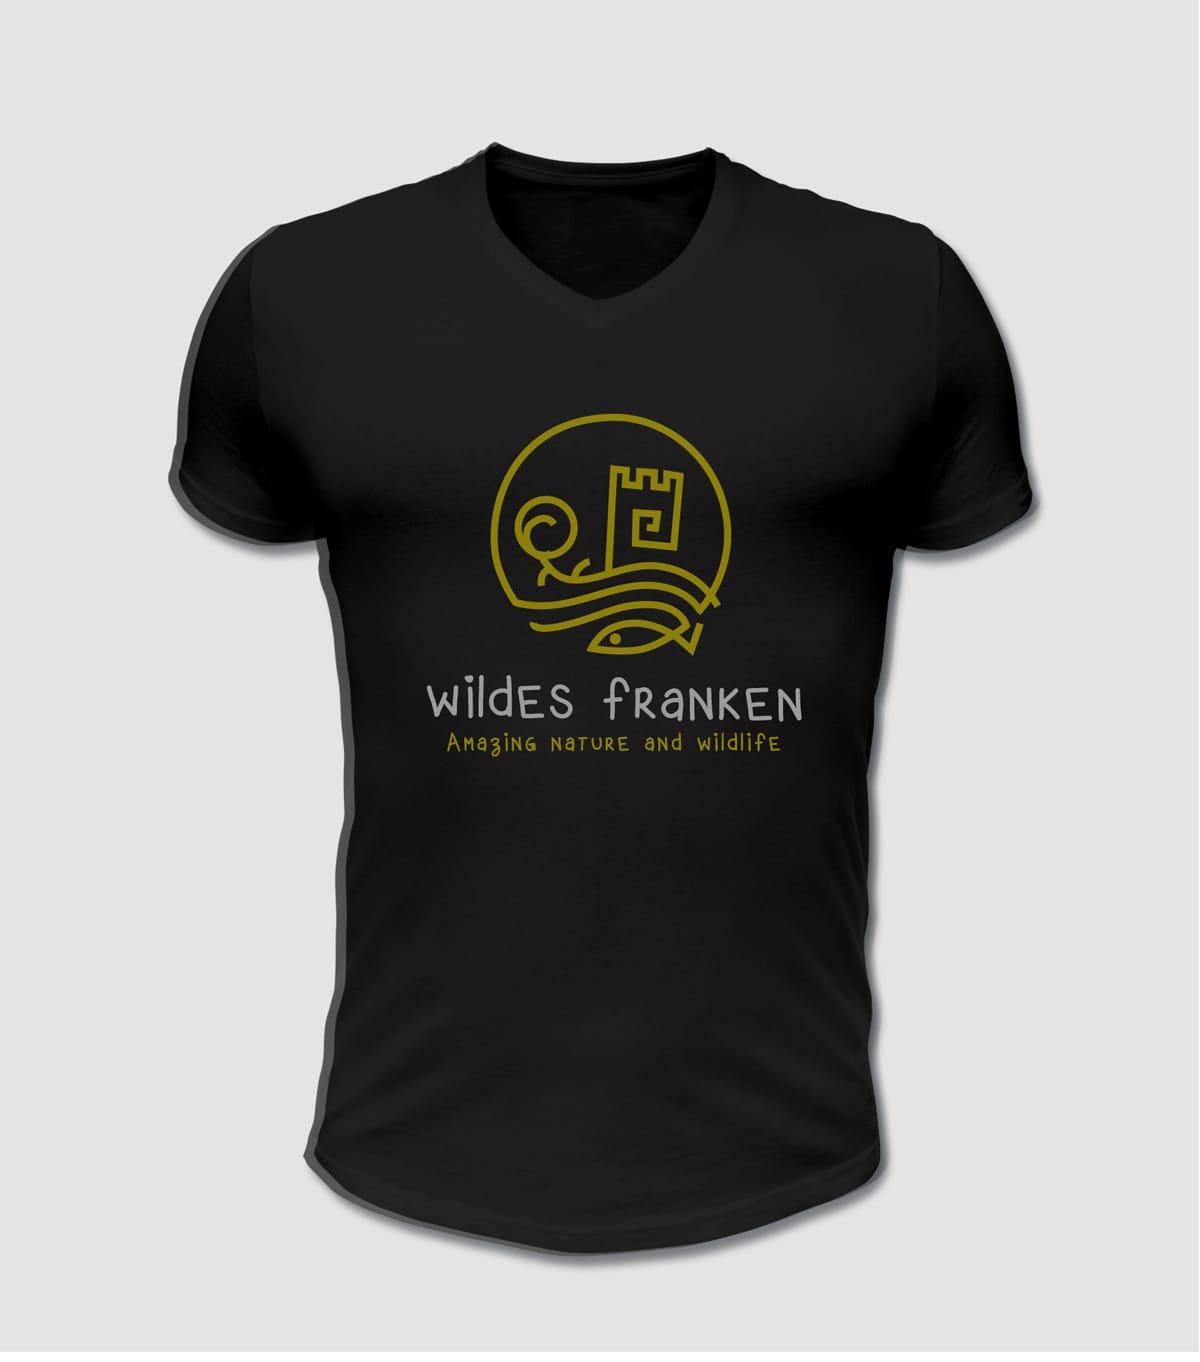 Wildes Franken T-Shirt Wildlife Fränkische Schweiz